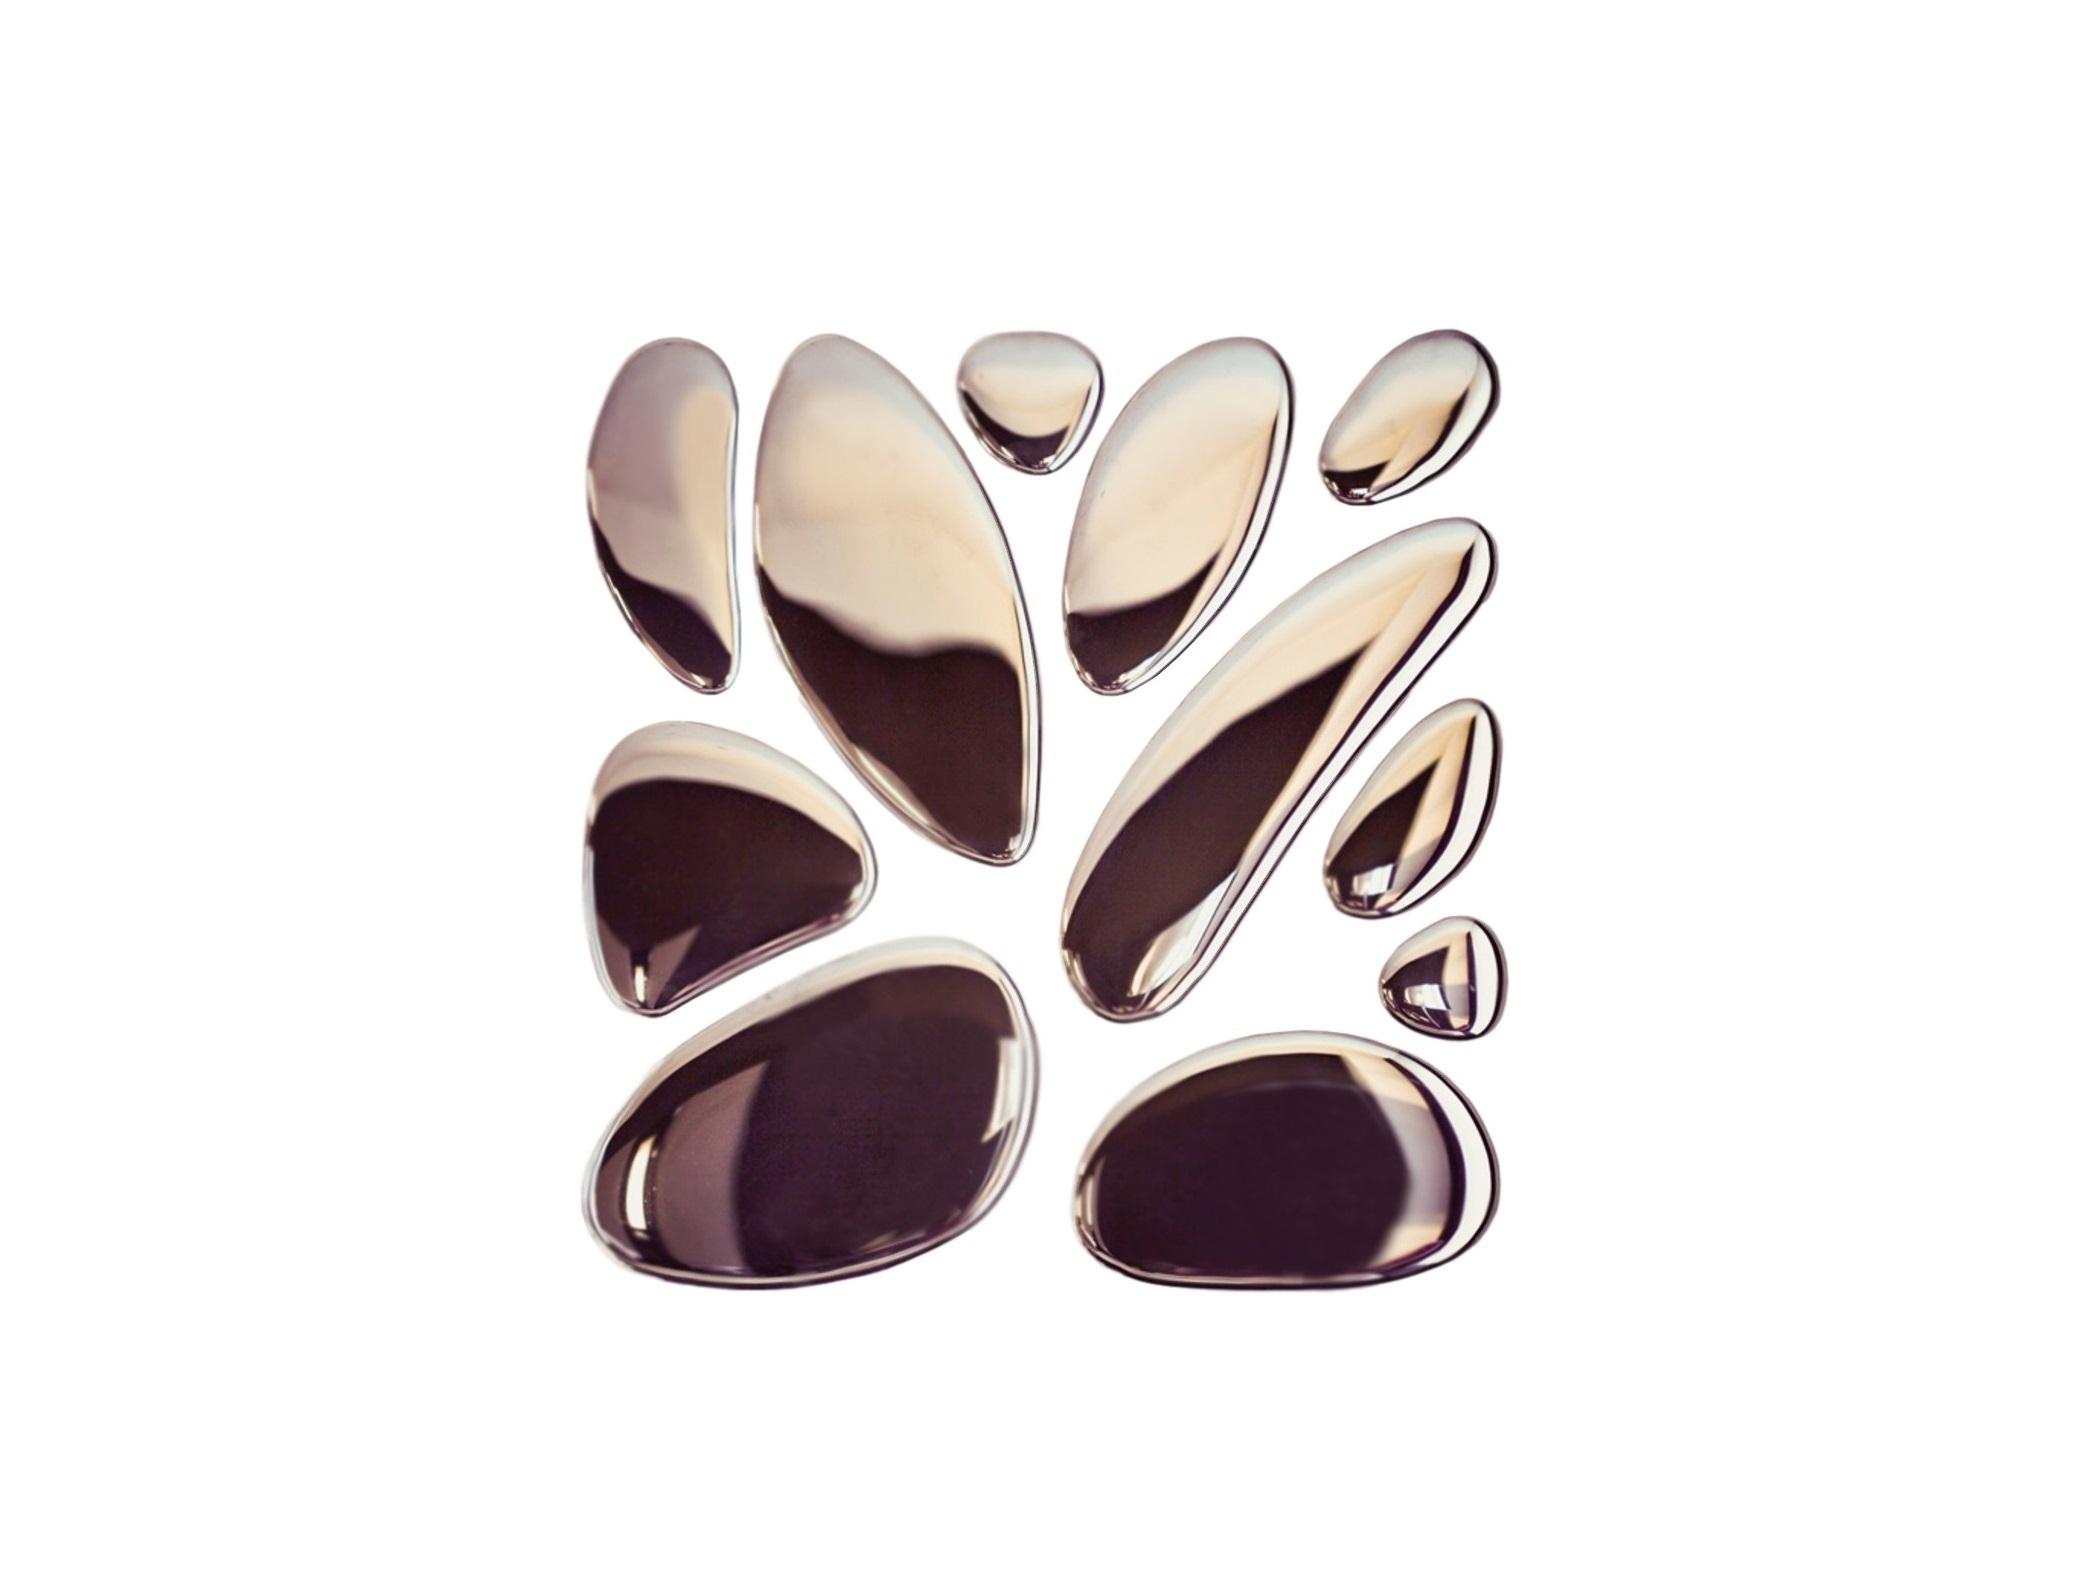 Композиция 11 капель SilverПанно<br>Элегантная композиция, состоящая из отдельных зеркальных капель, с легкостью станет главной изюминкой в вашем доме. Словно застывшие капельки ртути, или расплавленный металл – фантазировать о том, что же послужило вдохновением при создании композиции 11 Капель, можно бесконечно. Этот оригинальный декор станет прекрасным дополнением в дизайне, как общественного, так и приватного интерьера. 11 зеркальных капель разной величины легко фиксируются на клей к любой поверхности и формируют удивительную композицию. Эти 11 капель – образец безупречной работы и настоящего мастерства. Клей в комплекте не идет. Есть трафарет.<br><br>Material: Стекло<br>Ширина см: 105<br>Высота см: 105<br>Глубина см: 1